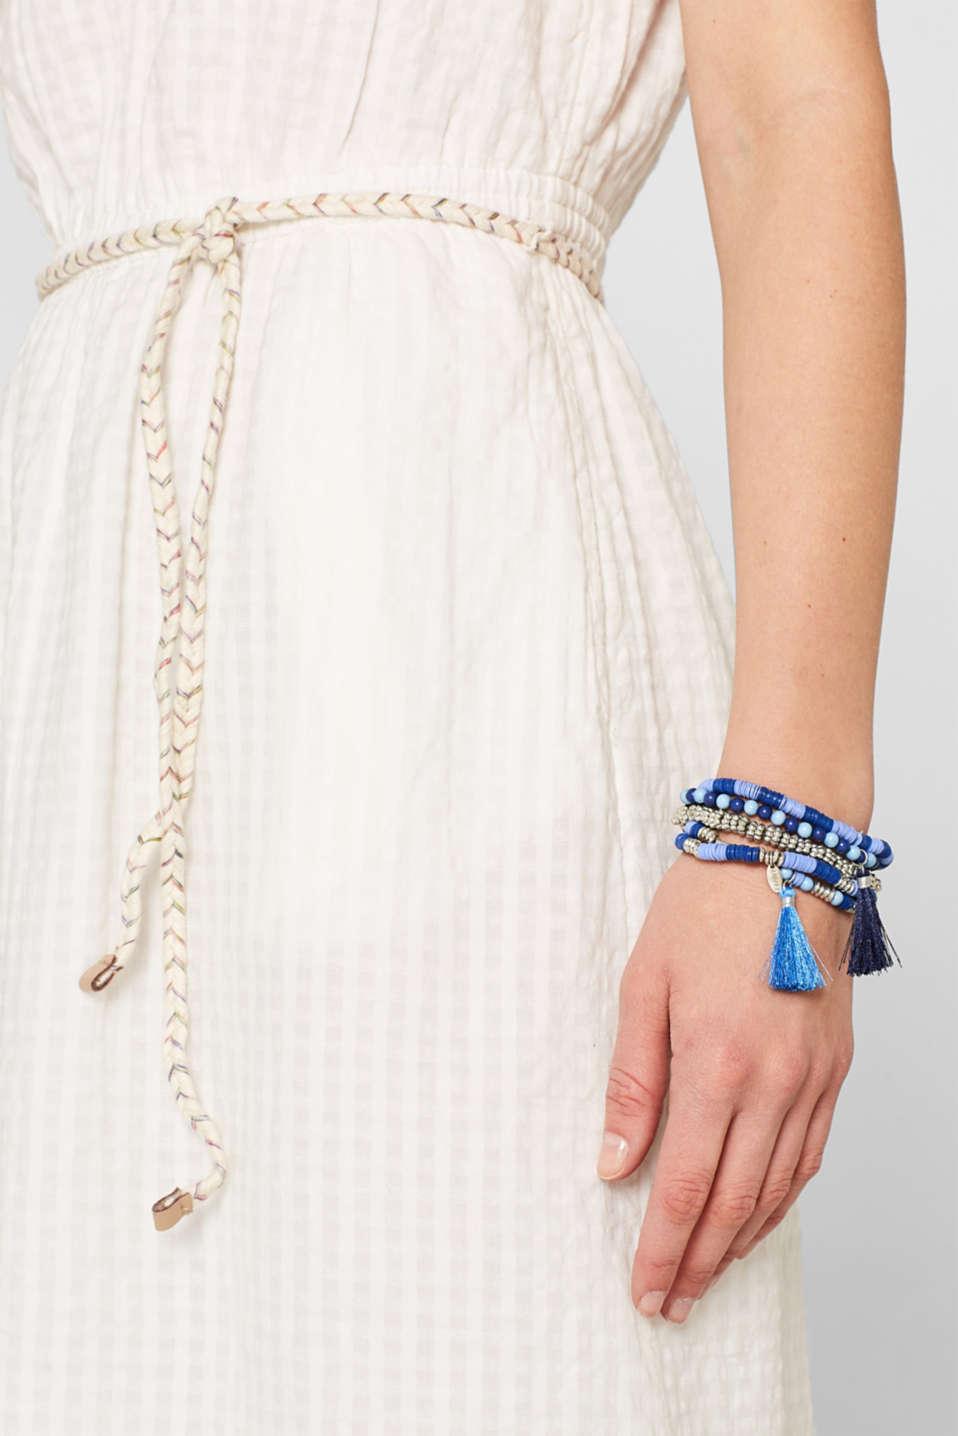 Set of bead bracelets with tassels, BLUE, detail image number 2